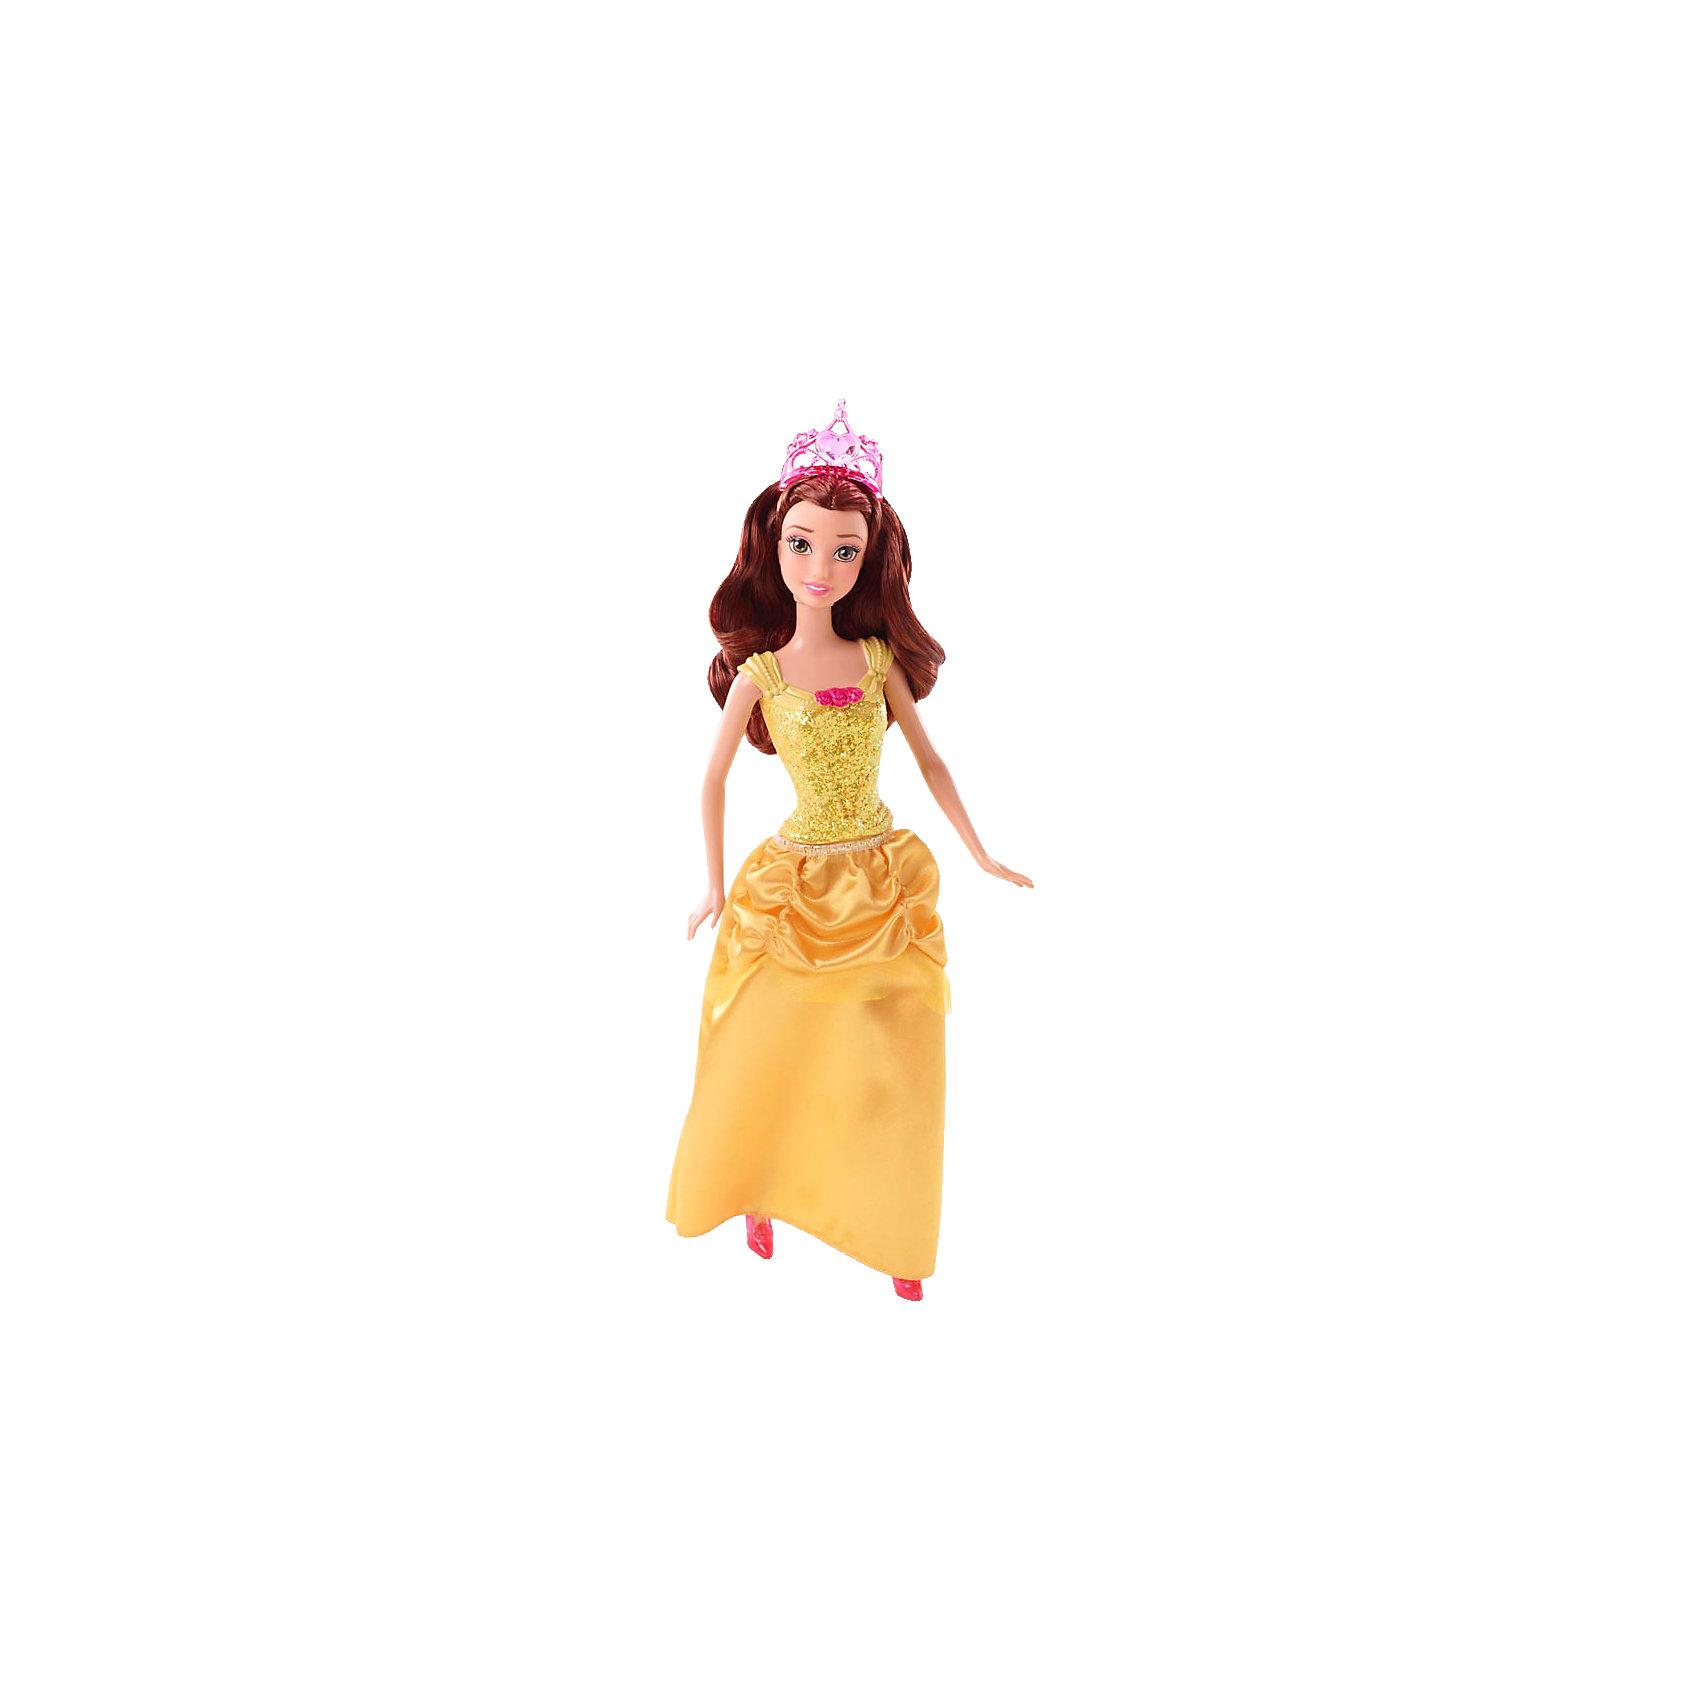 Кукла Бэлль, Принцессы ДиснейИгрушки<br>Кукла Бэлль, Disney Princess (Принцесса Диснея) – это кукла, созданная для настоящей принцессы!<br>Сказочная Принцесса Бэлль в сверкающем наряде чудно хороша! Наряд куклы, как всегда, безупречен. Верхняя часть бального платья таинственно переливается, длинная юбка украшена красивой драпировкой. На груди у куколки находится отличительный знак, присущий только ей – розочки. Туфельки на ножках прекрасно гармонируют с платьем. Ее шелковистые длинные волосы красиво уложены. На голове изящная тиара. Волосы куклы изготовлены из нейлона высокого качества. Одежду и обувь можно снимать. Образ куклы Бэлль Disney Princess проработан до мелочей, является завершенным и целостным! Игрушечная Бэлль выглядят, как реальный прототип - героини мультфильмов Disney «Красавица и чудовище»!<br><br>Дополнительная информация:<br><br>- Материал: высококачественный пластик, текстиль<br>- Рост куклы: 29 см.<br>- Размер упаковки: 11,5 х 6 х 32 см.<br>- Вес: 243 гр.<br><br>Куклу Бэлль, Disney Princess (Принцесса Диснея) можно купить в нашем интернет-магазине.<br><br>Ширина мм: 330<br>Глубина мм: 119<br>Высота мм: 63<br>Вес г: 199<br>Возраст от месяцев: 36<br>Возраст до месяцев: 72<br>Пол: Женский<br>Возраст: Детский<br>SKU: 3858580